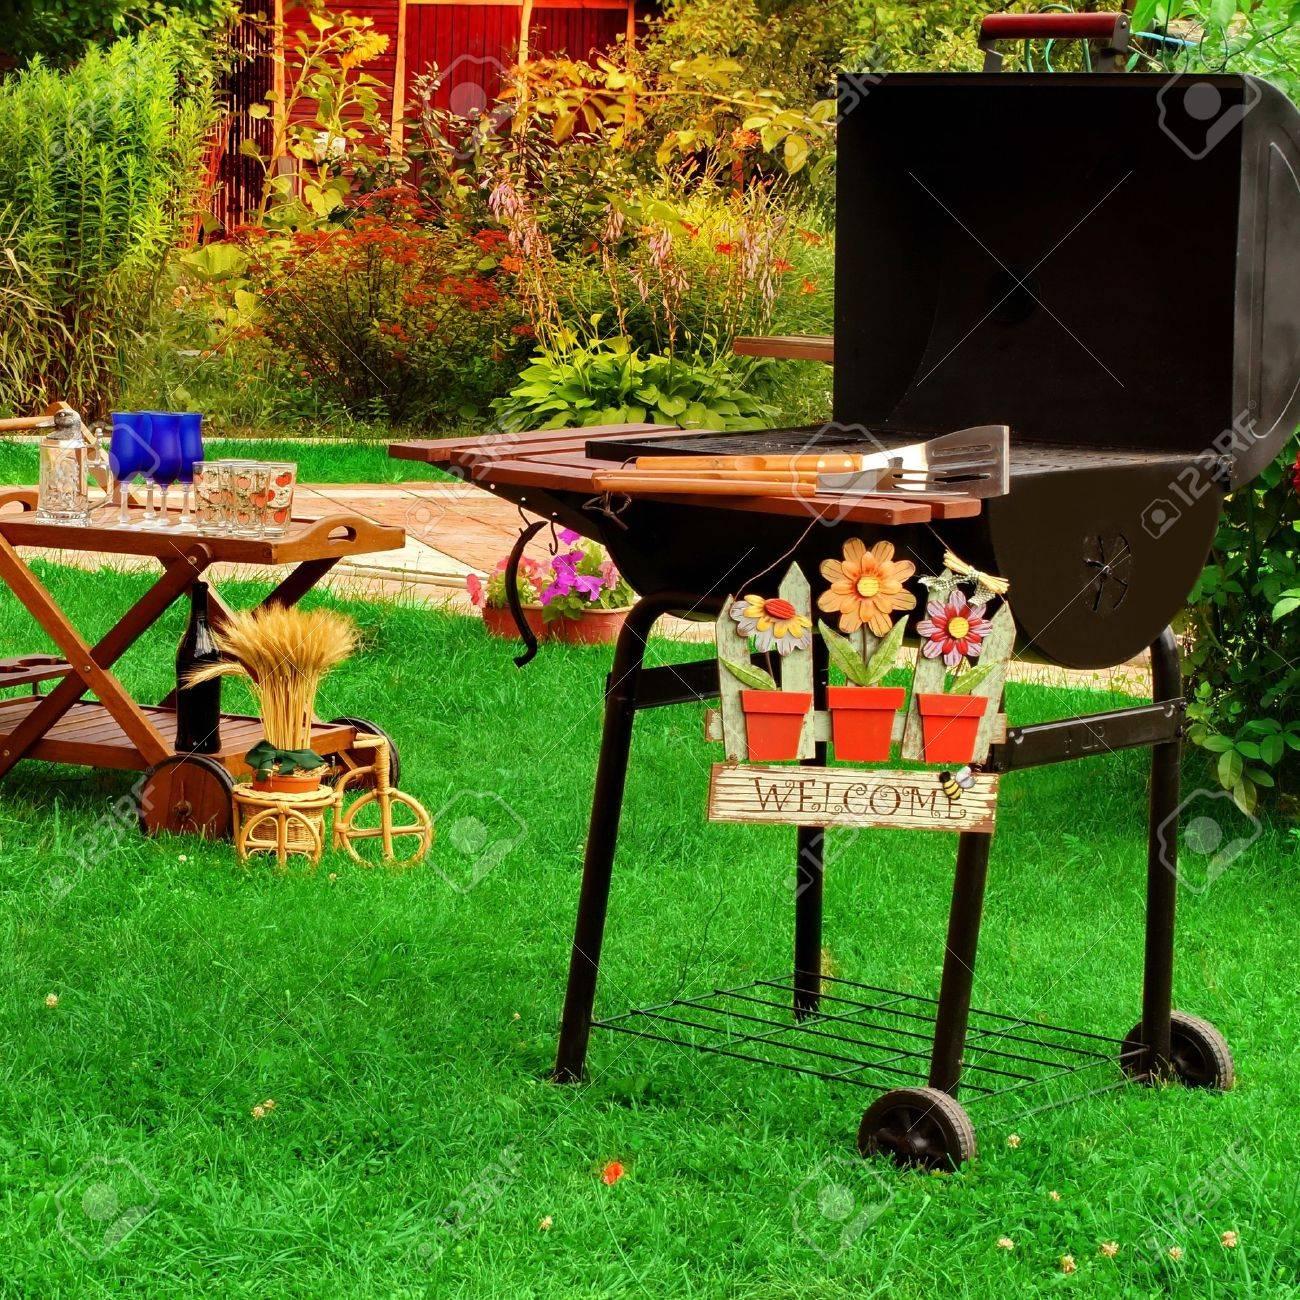 garden wooden furniture picnic hamper basket bbq grill sign